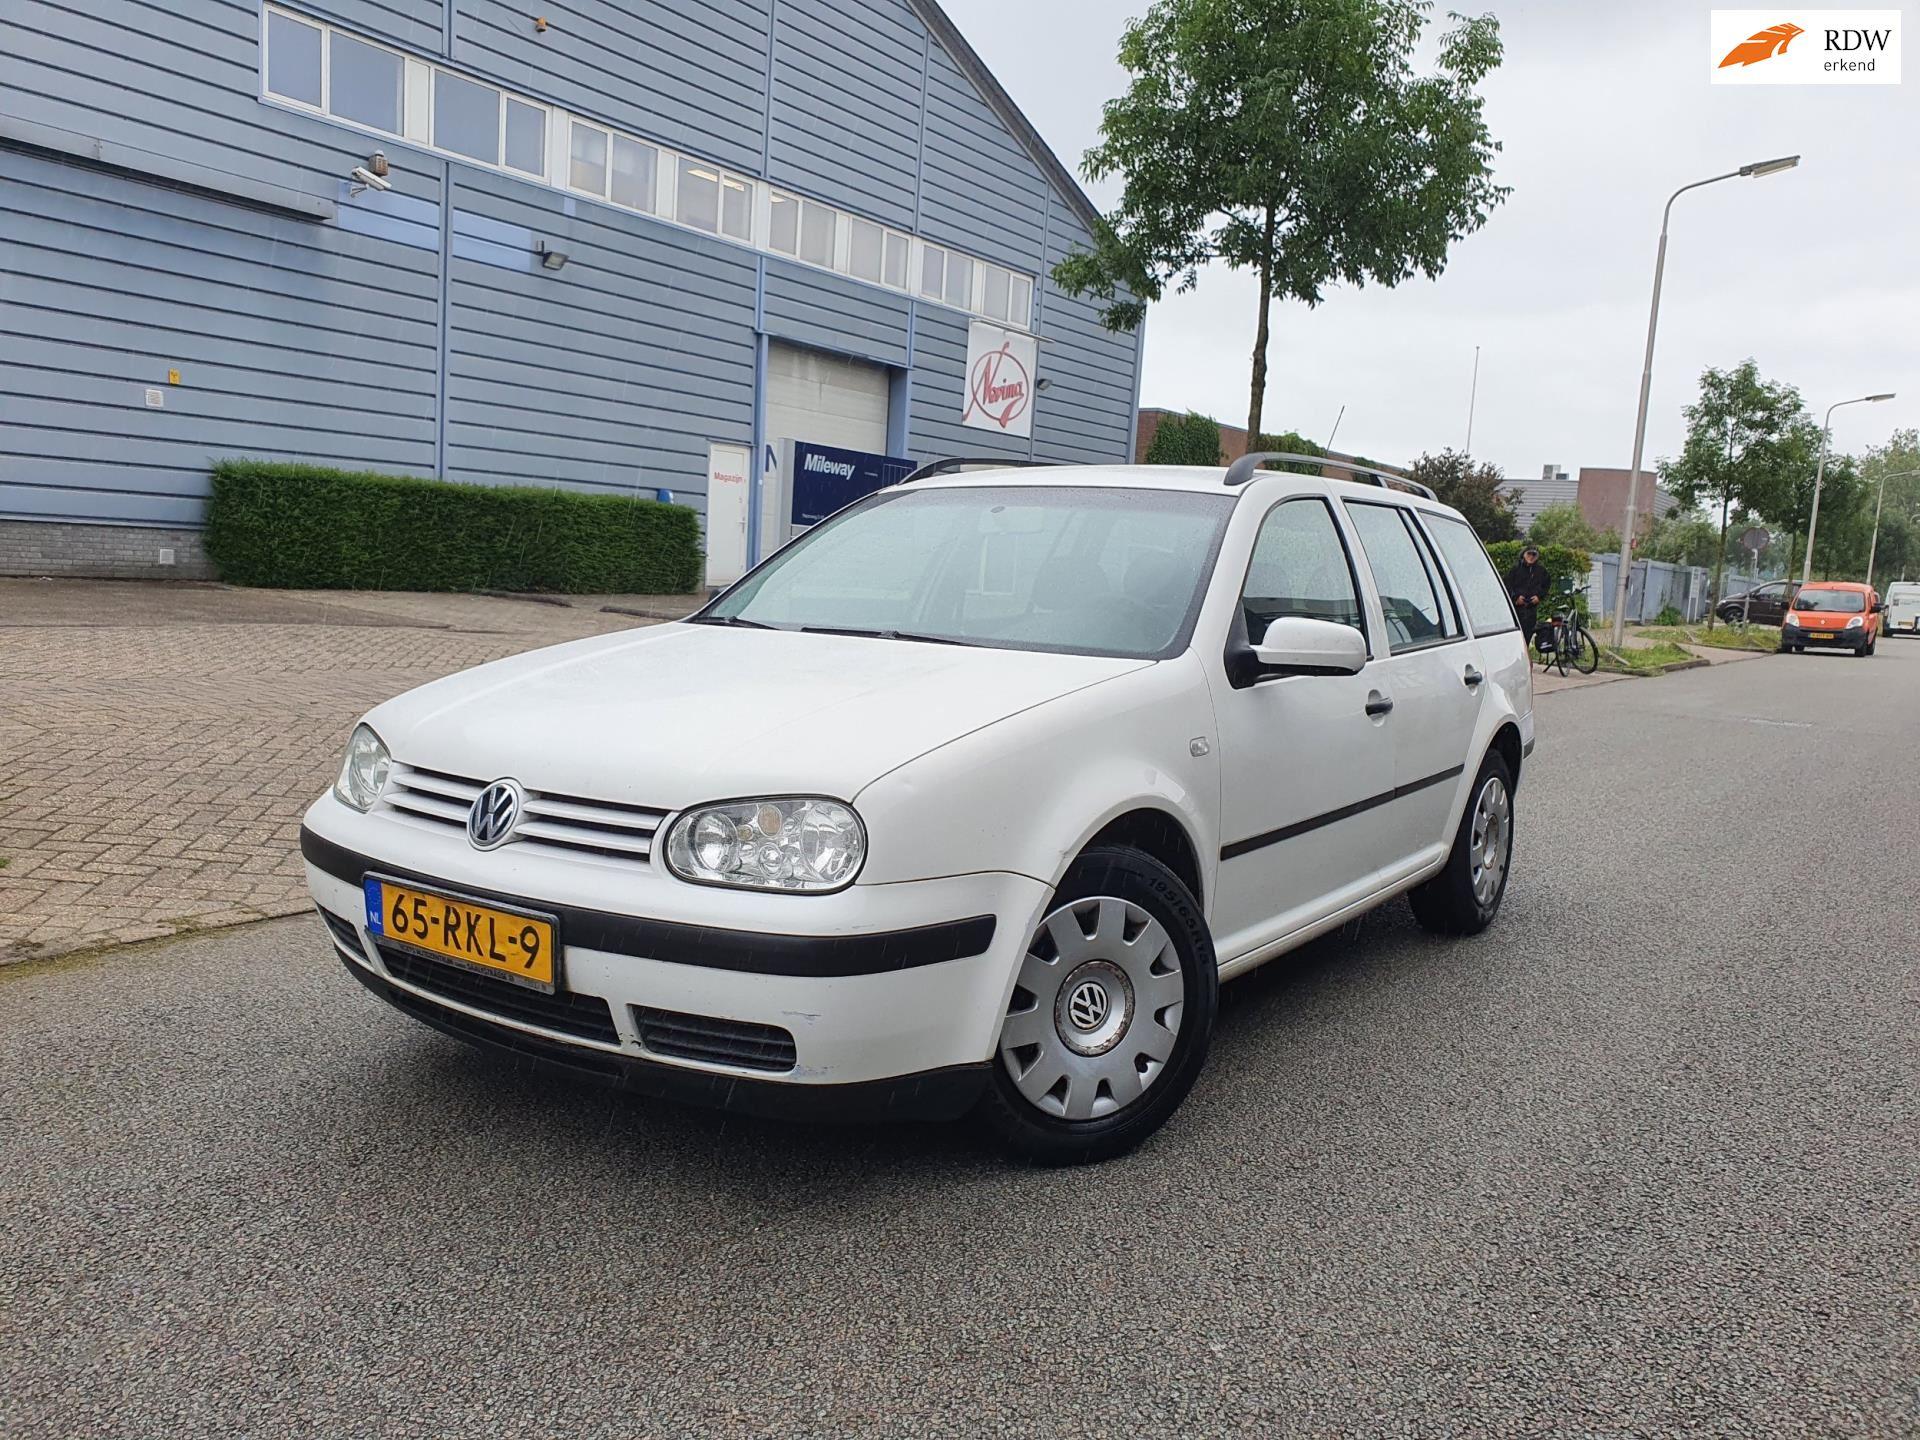 Volkswagen Golf Variant occasion - Autohandel Direct